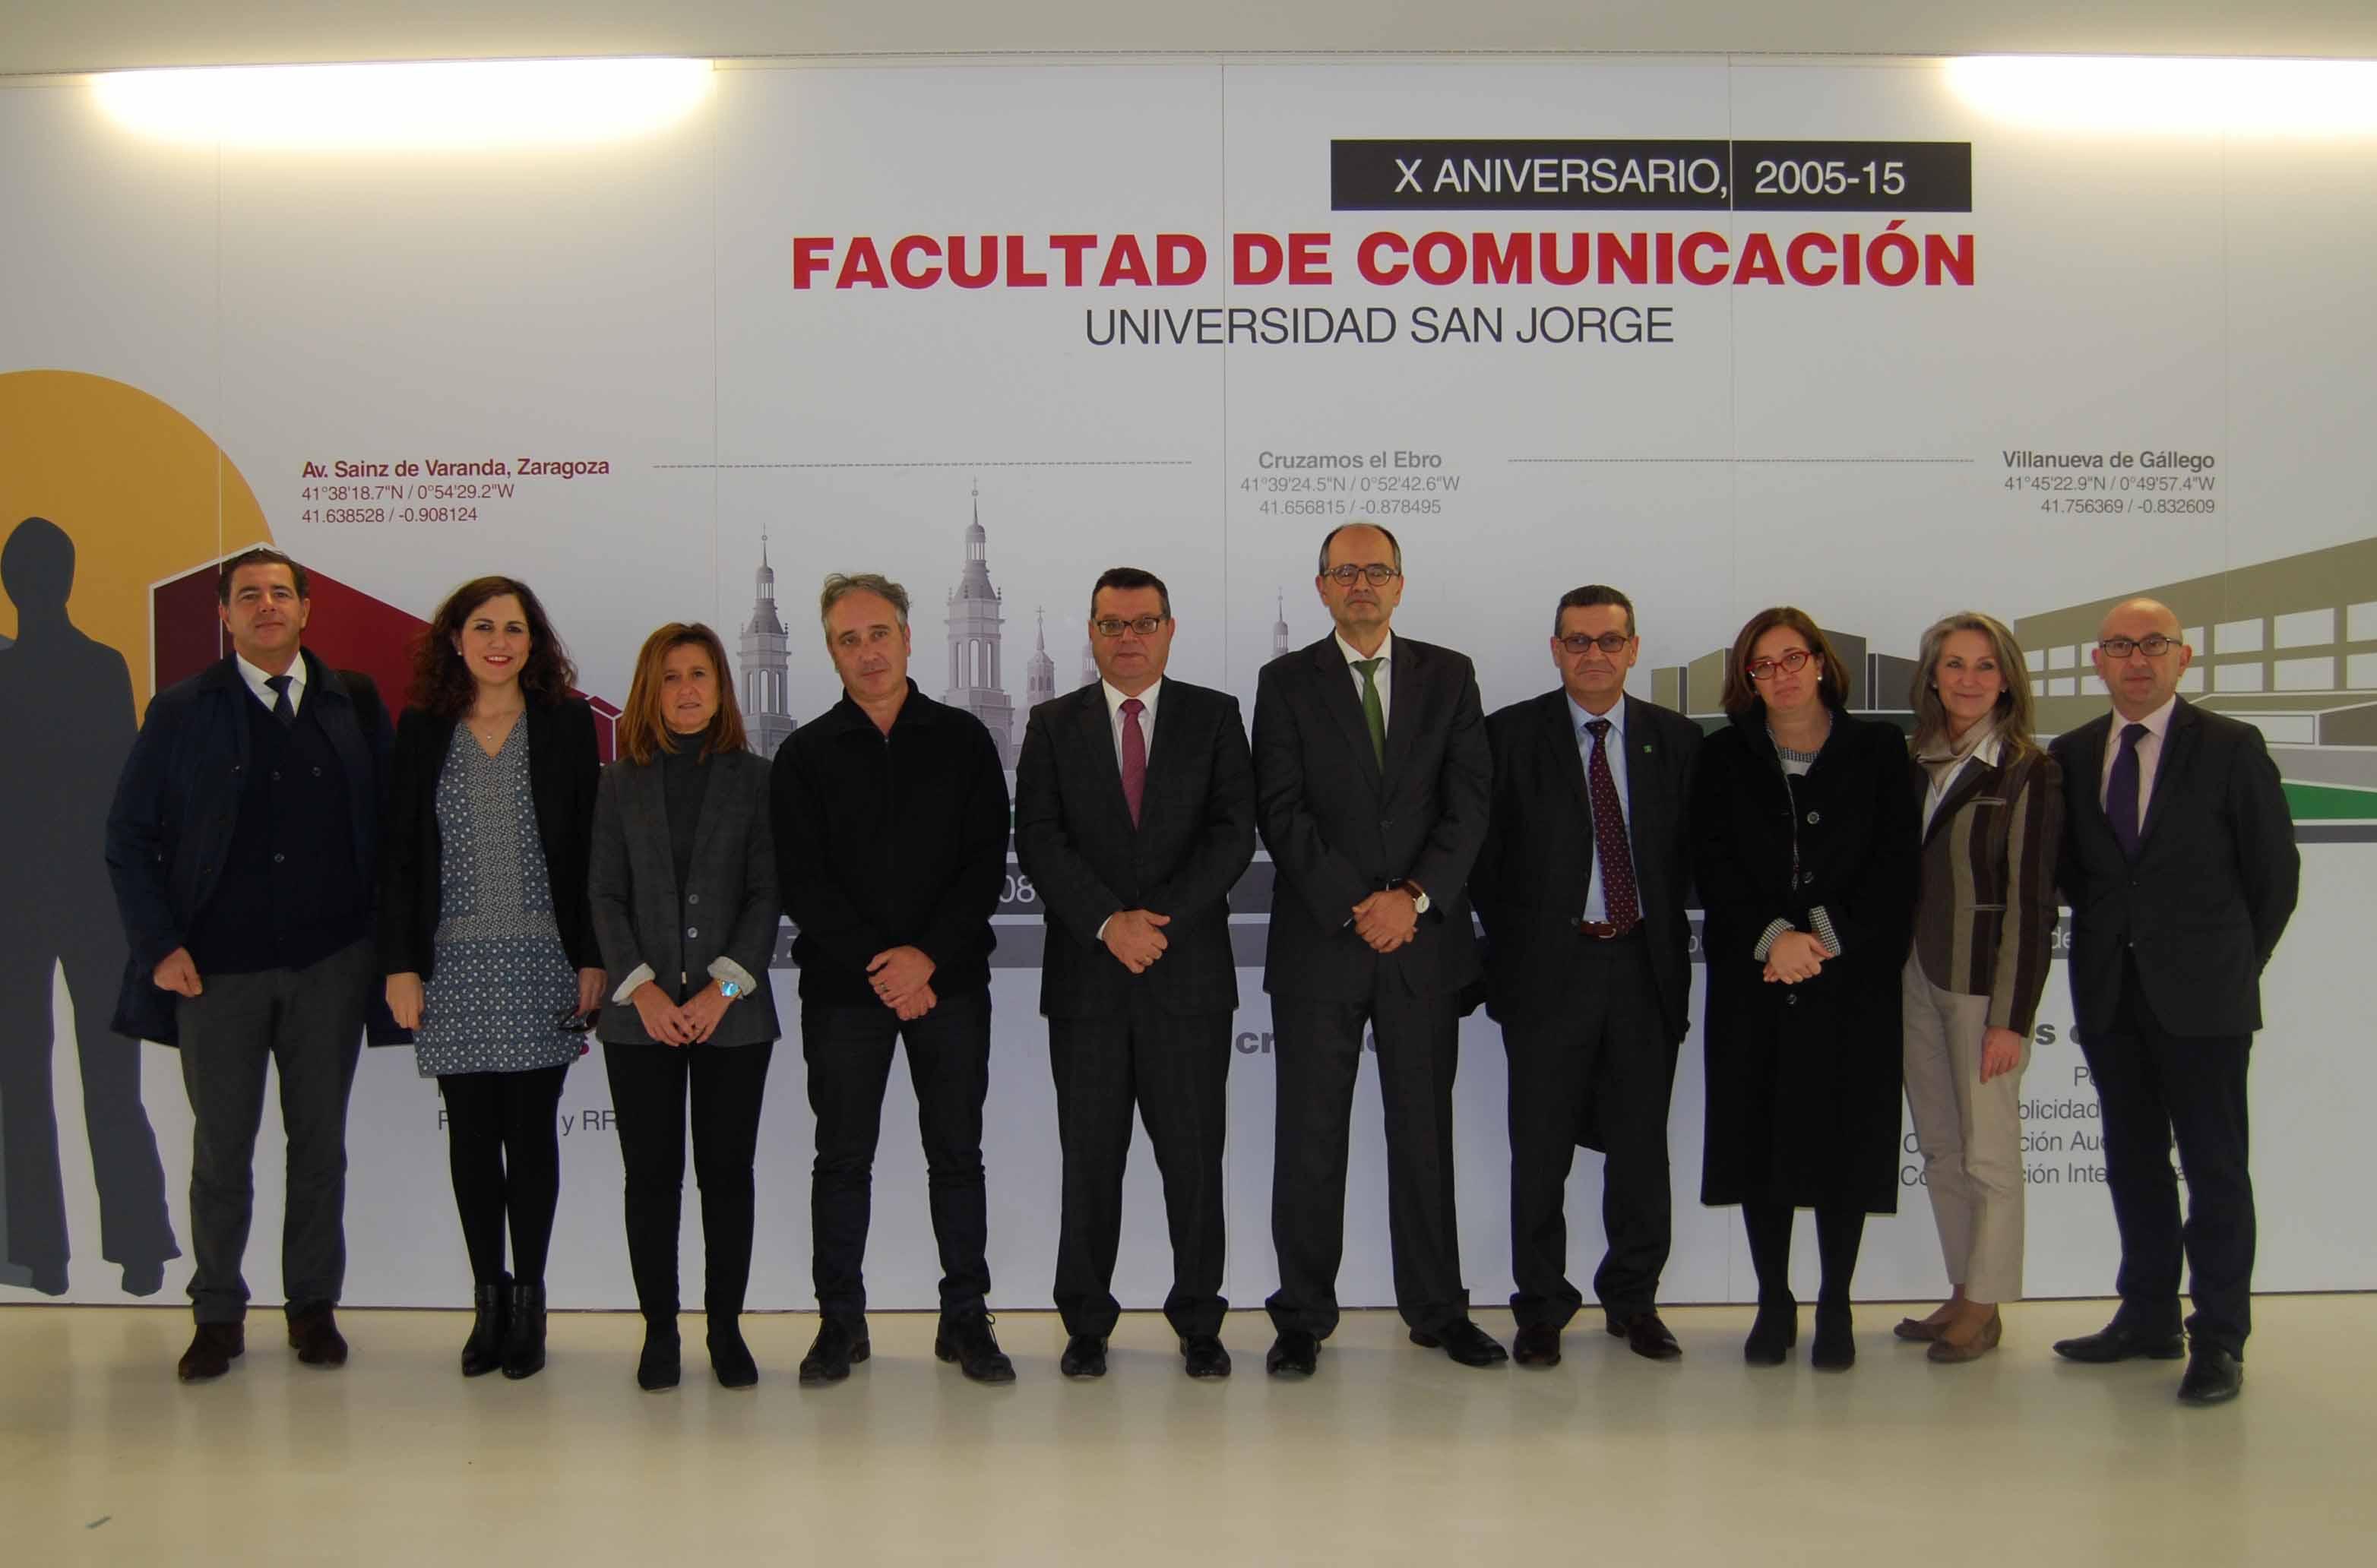 Representantes de la Universidad San Jorge y la Fundación ONCE en el hall de la Facultad de Comunicación y CC.SS.